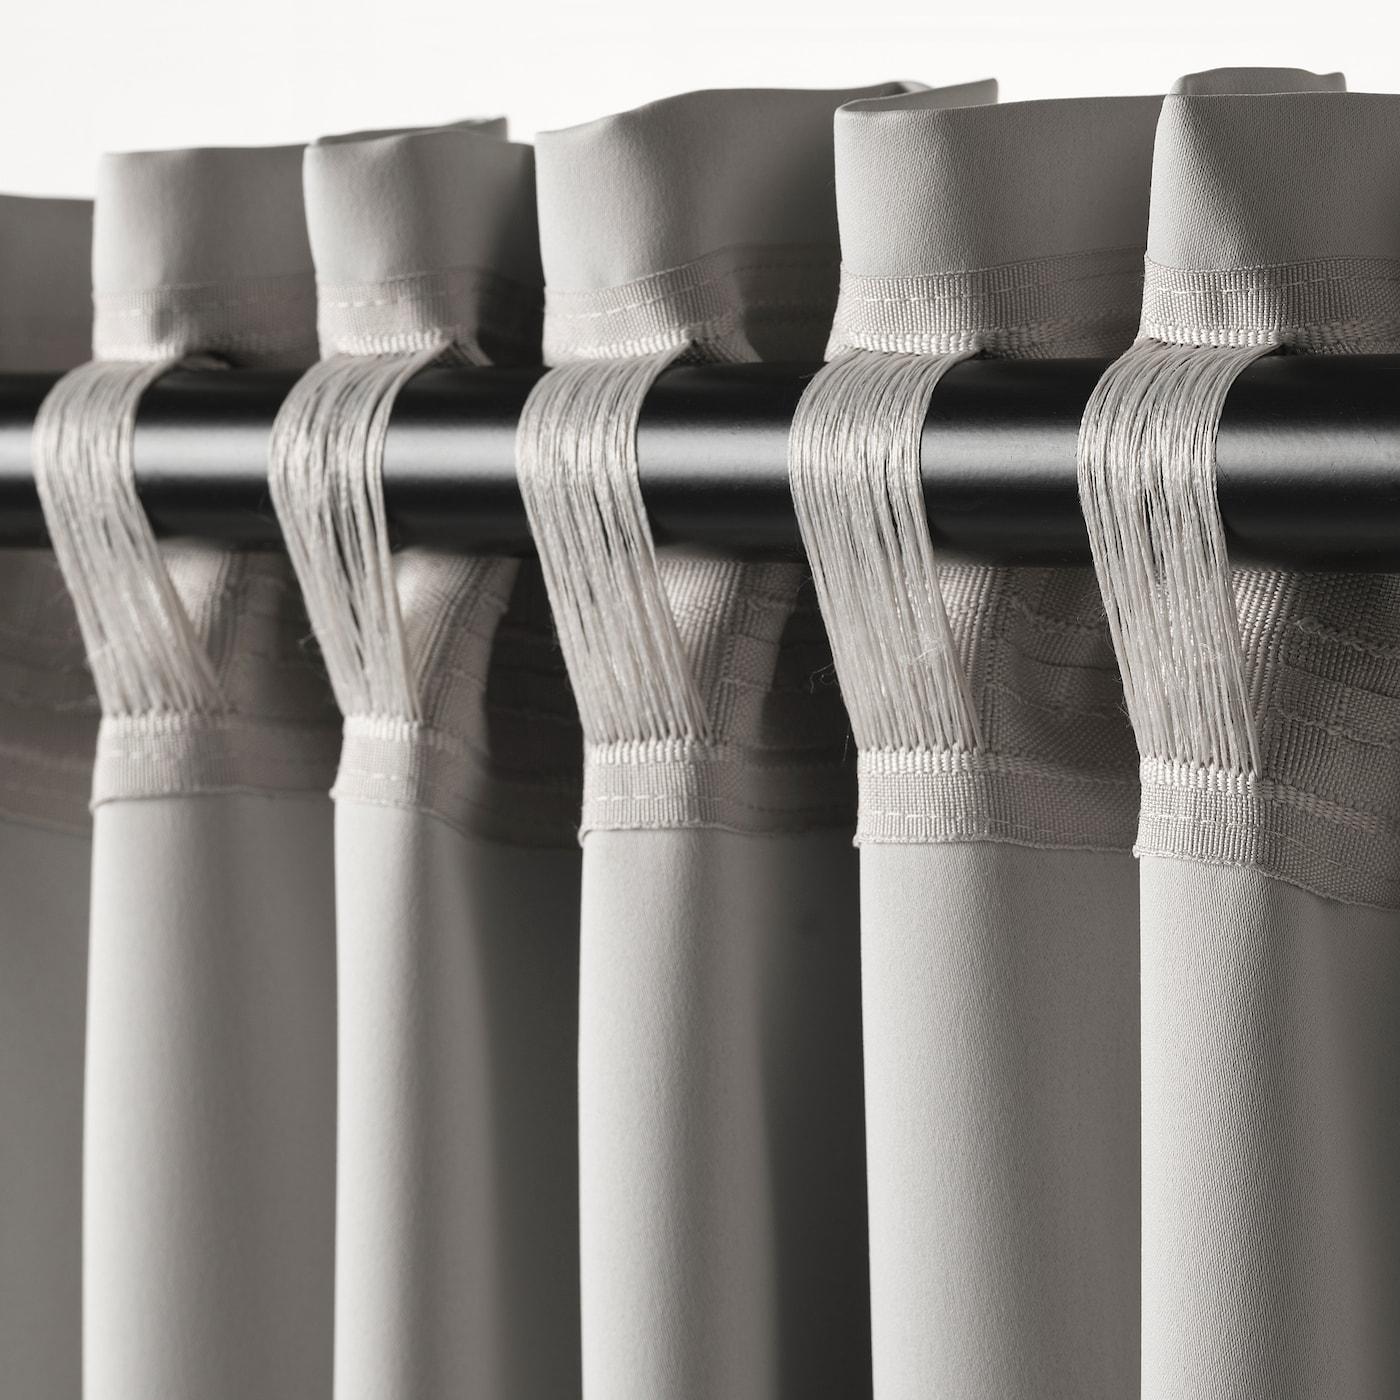 Rideau Gris Perle Ikea majgull rideaux, 2 pièces - gris clair 145x300 cm